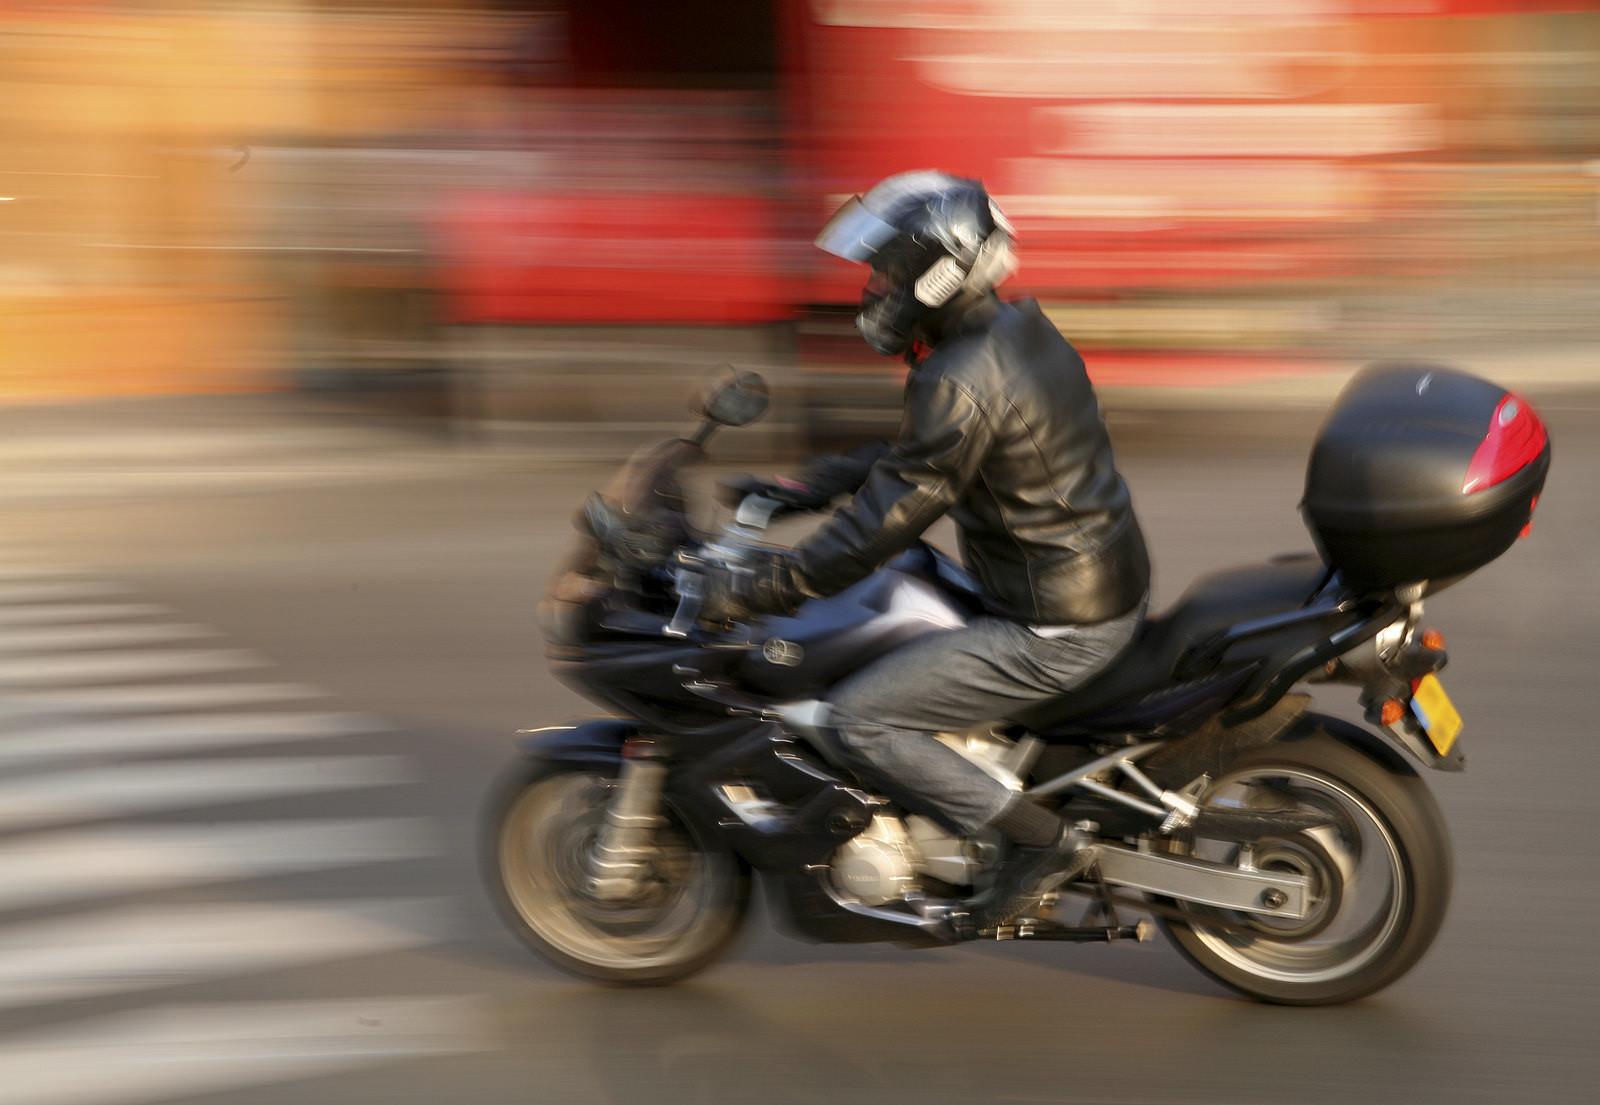 Falta mais atenção às motocicletas